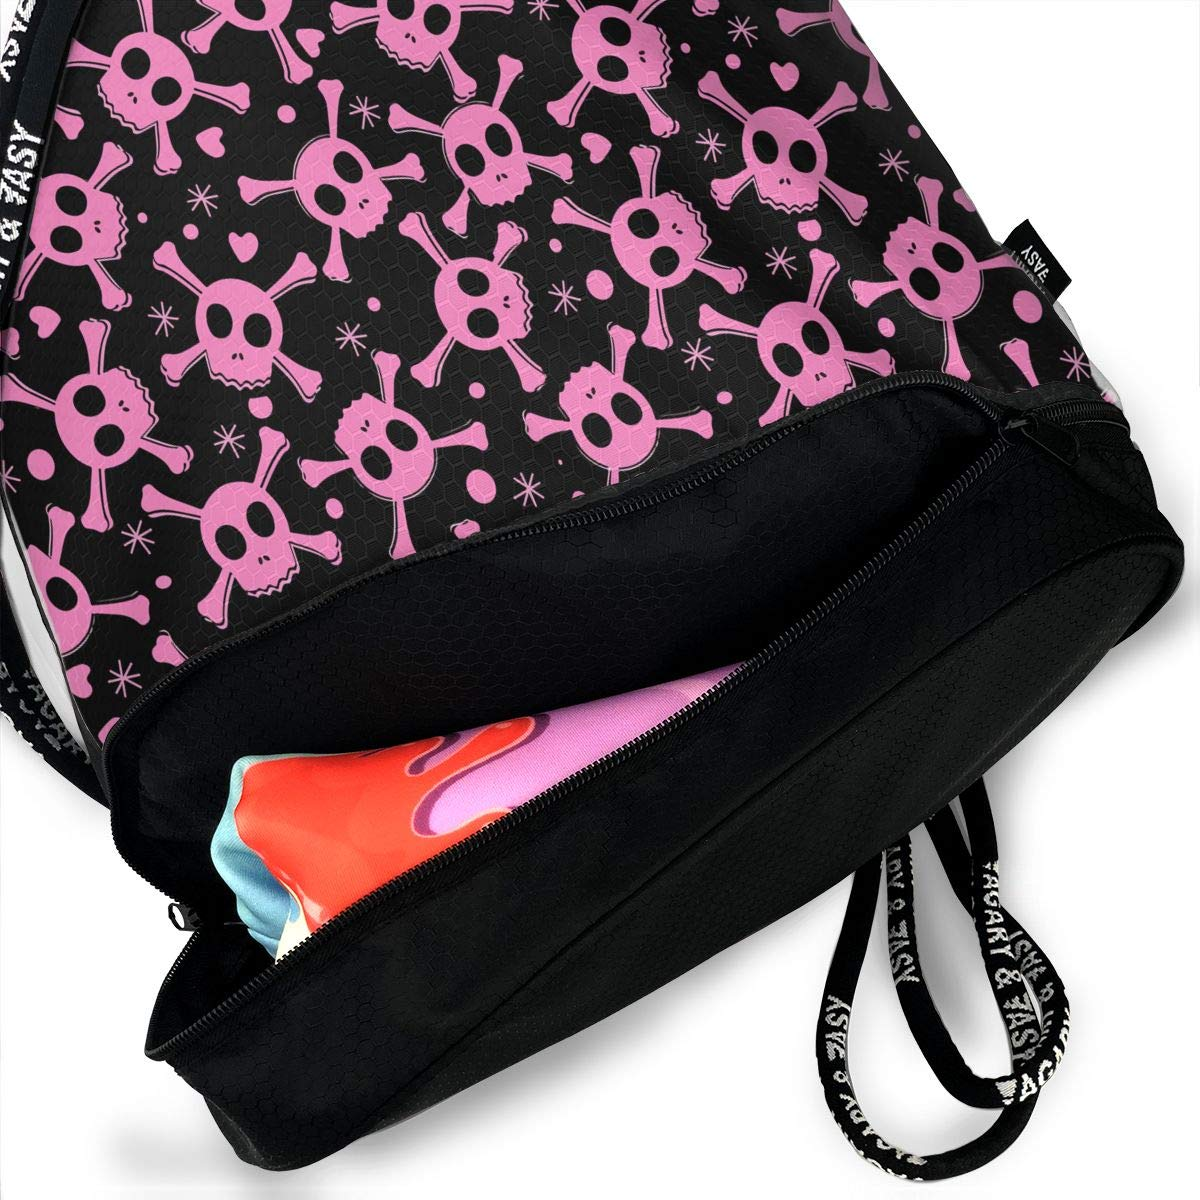 HUOPR5Q Penguin Drawstring Backpack Sport Gym Sack Shoulder Bulk Bag Dance Bag for School Travel